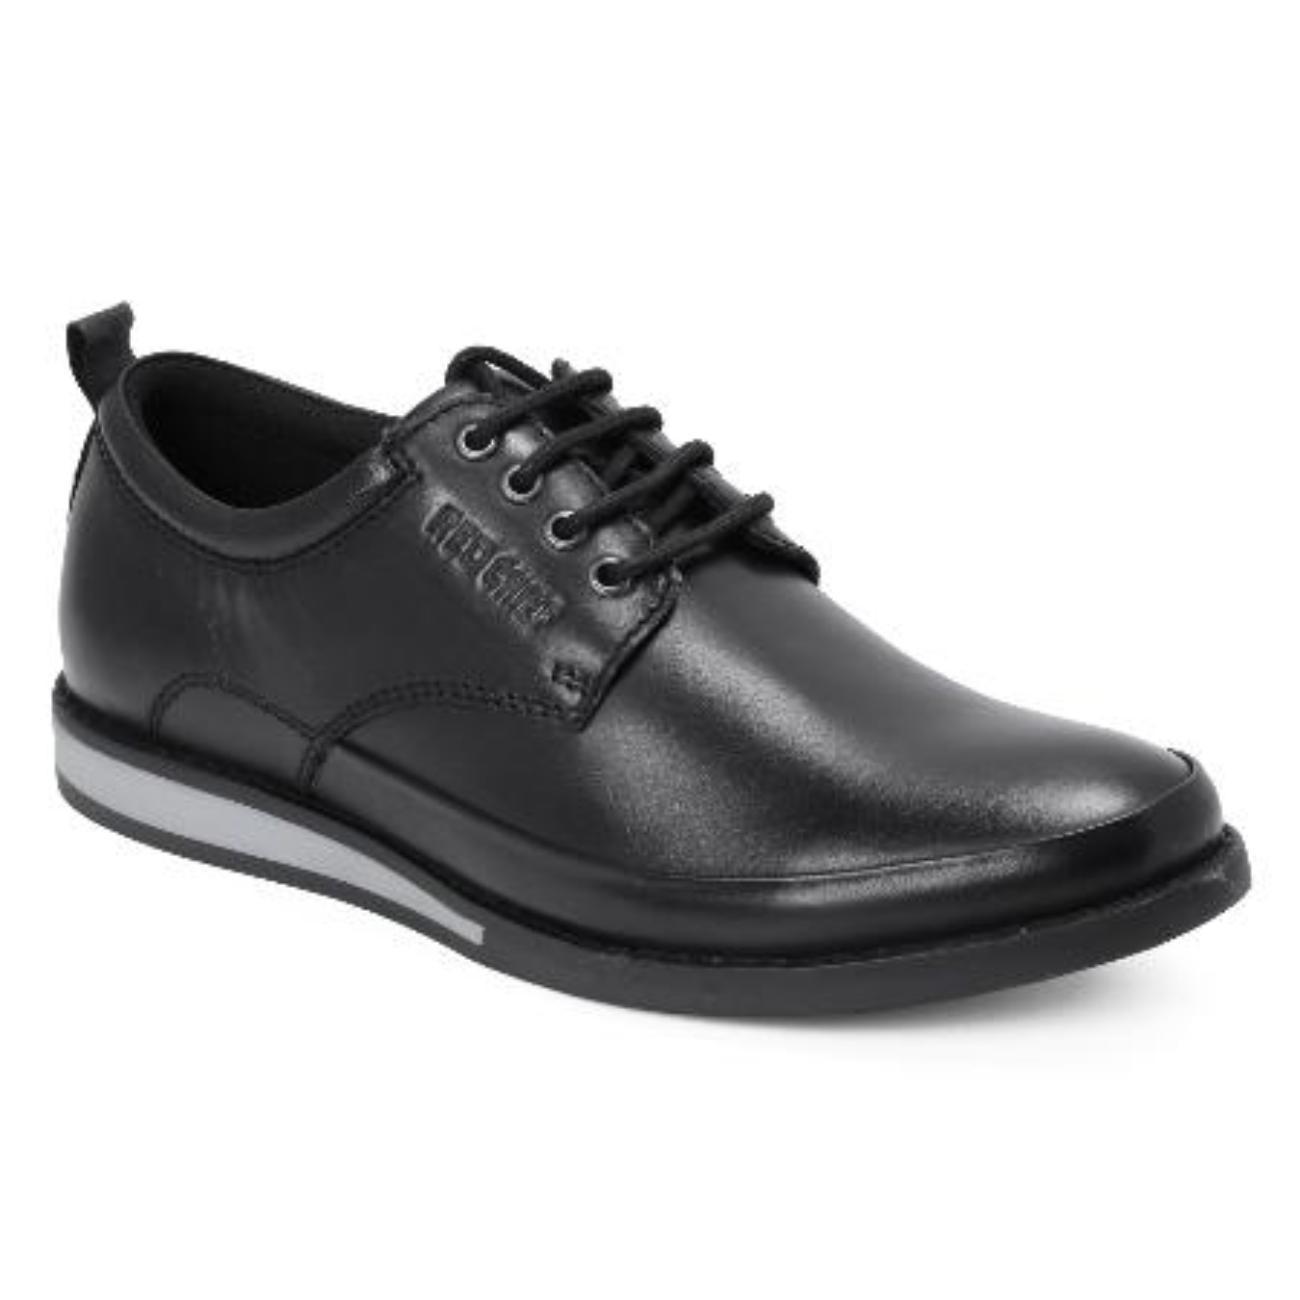 black formal shoes for men online